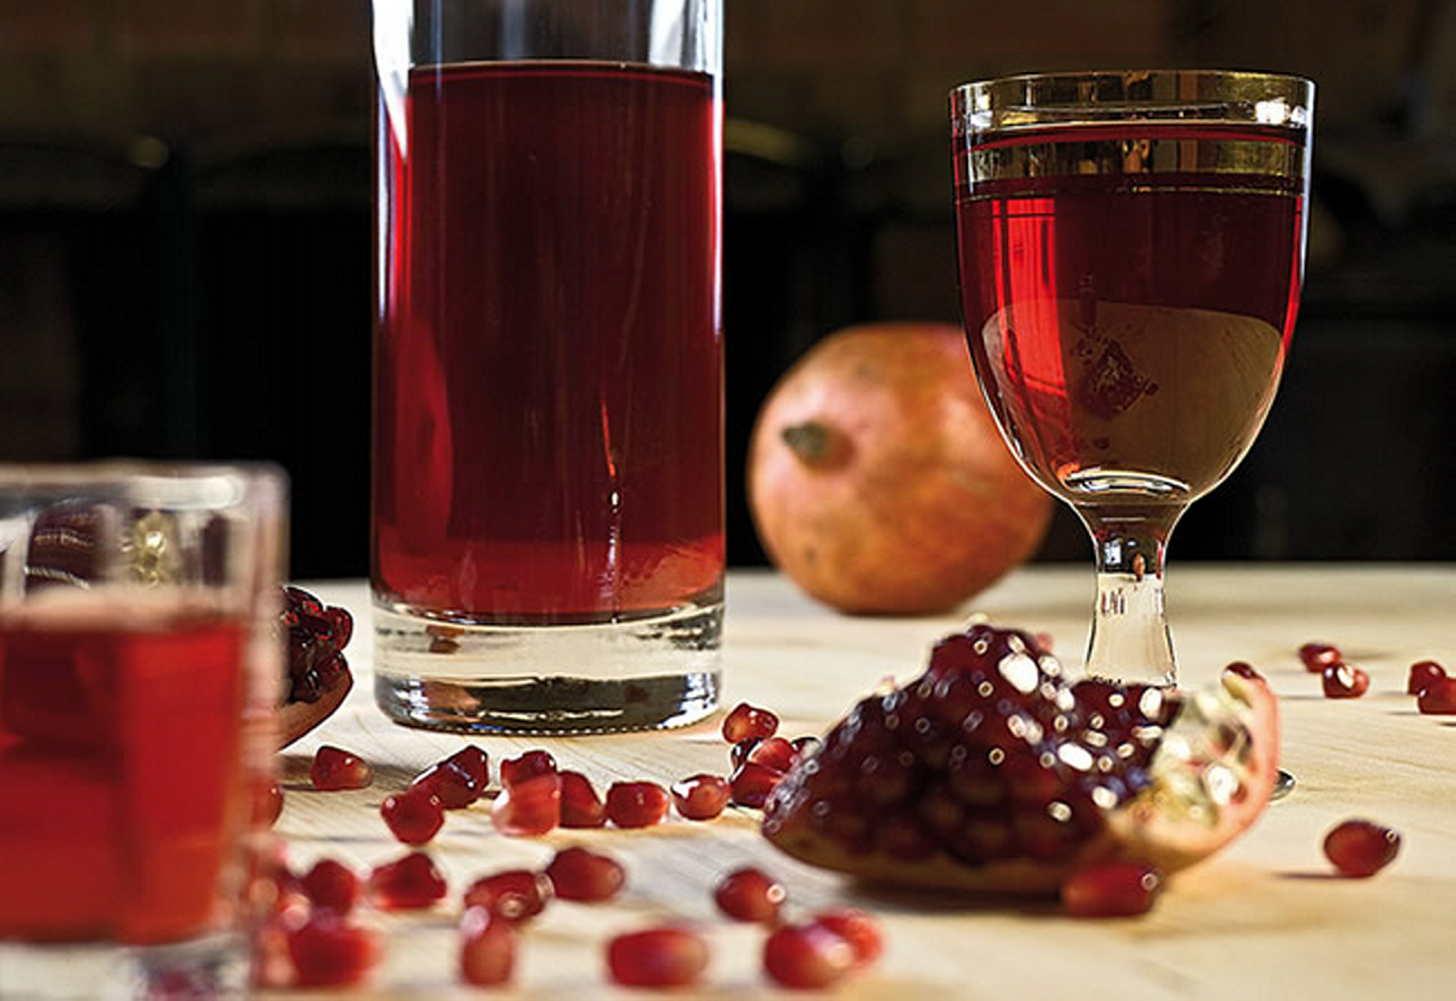 Сухое вино из винограда - простые пошаговые рецепты для приготовления в домашних условиях